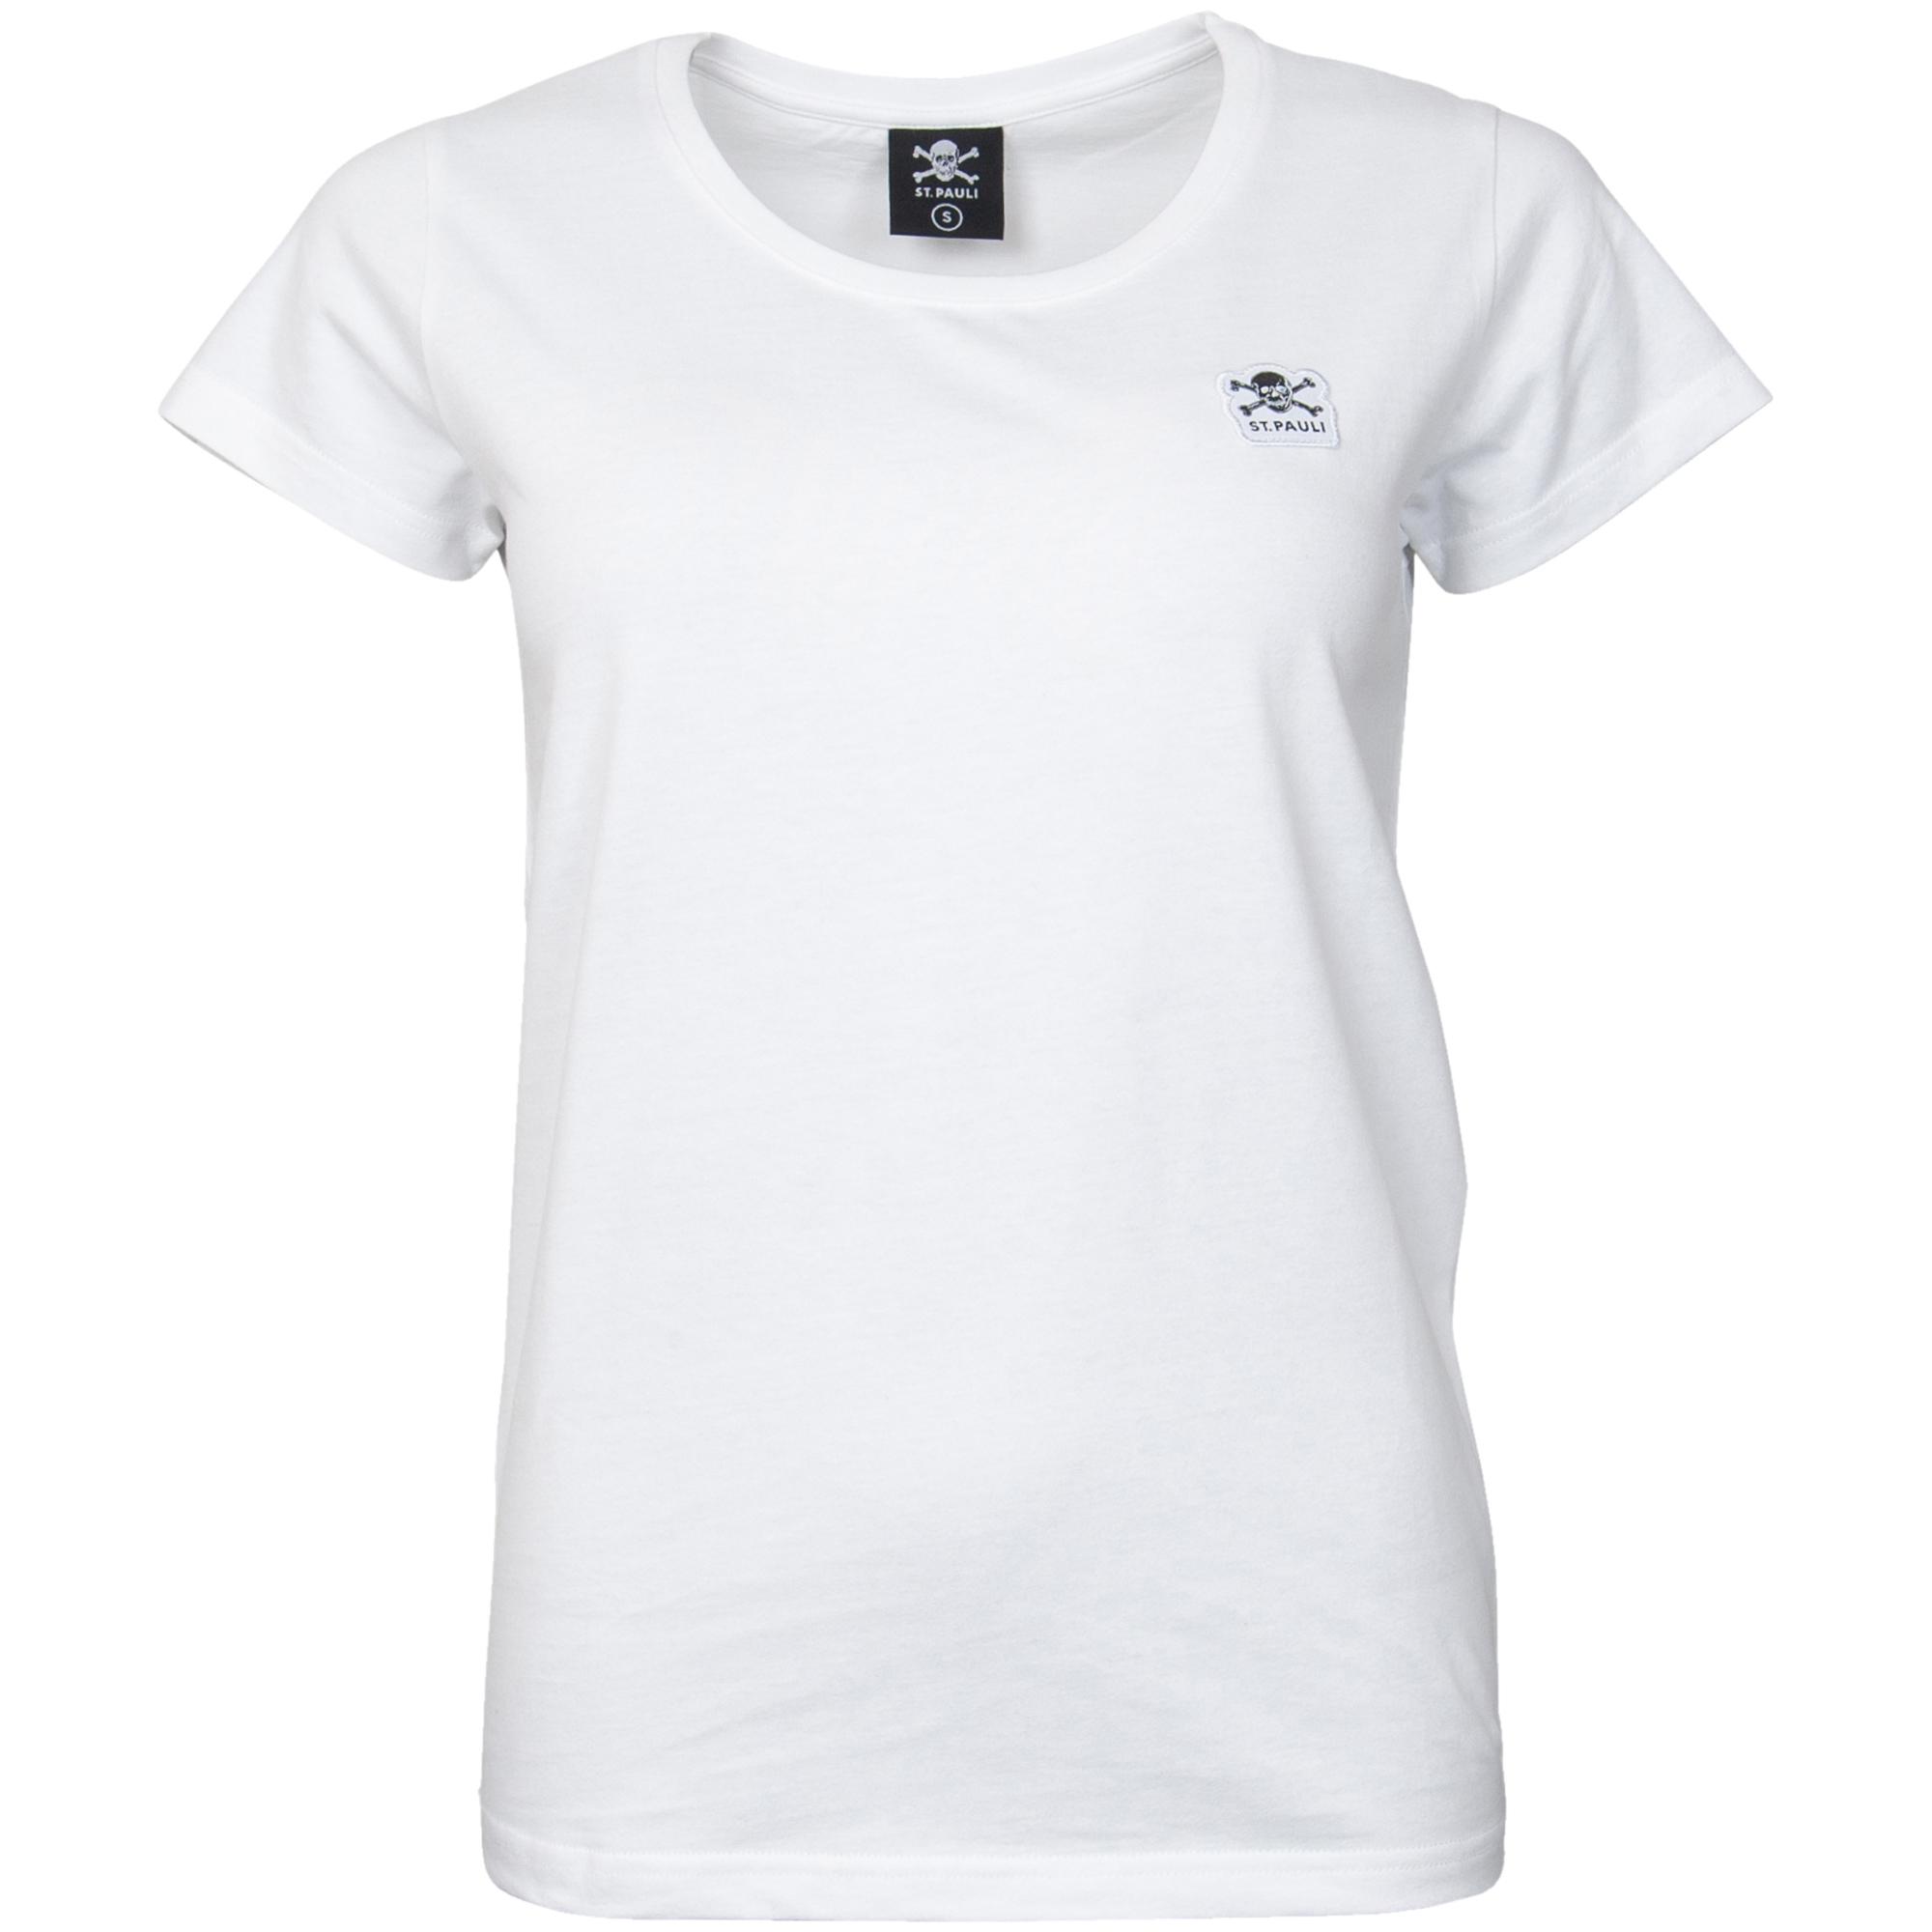 FC St. Pauli - Damen T-Shirt Basic Totenkopf - weiß